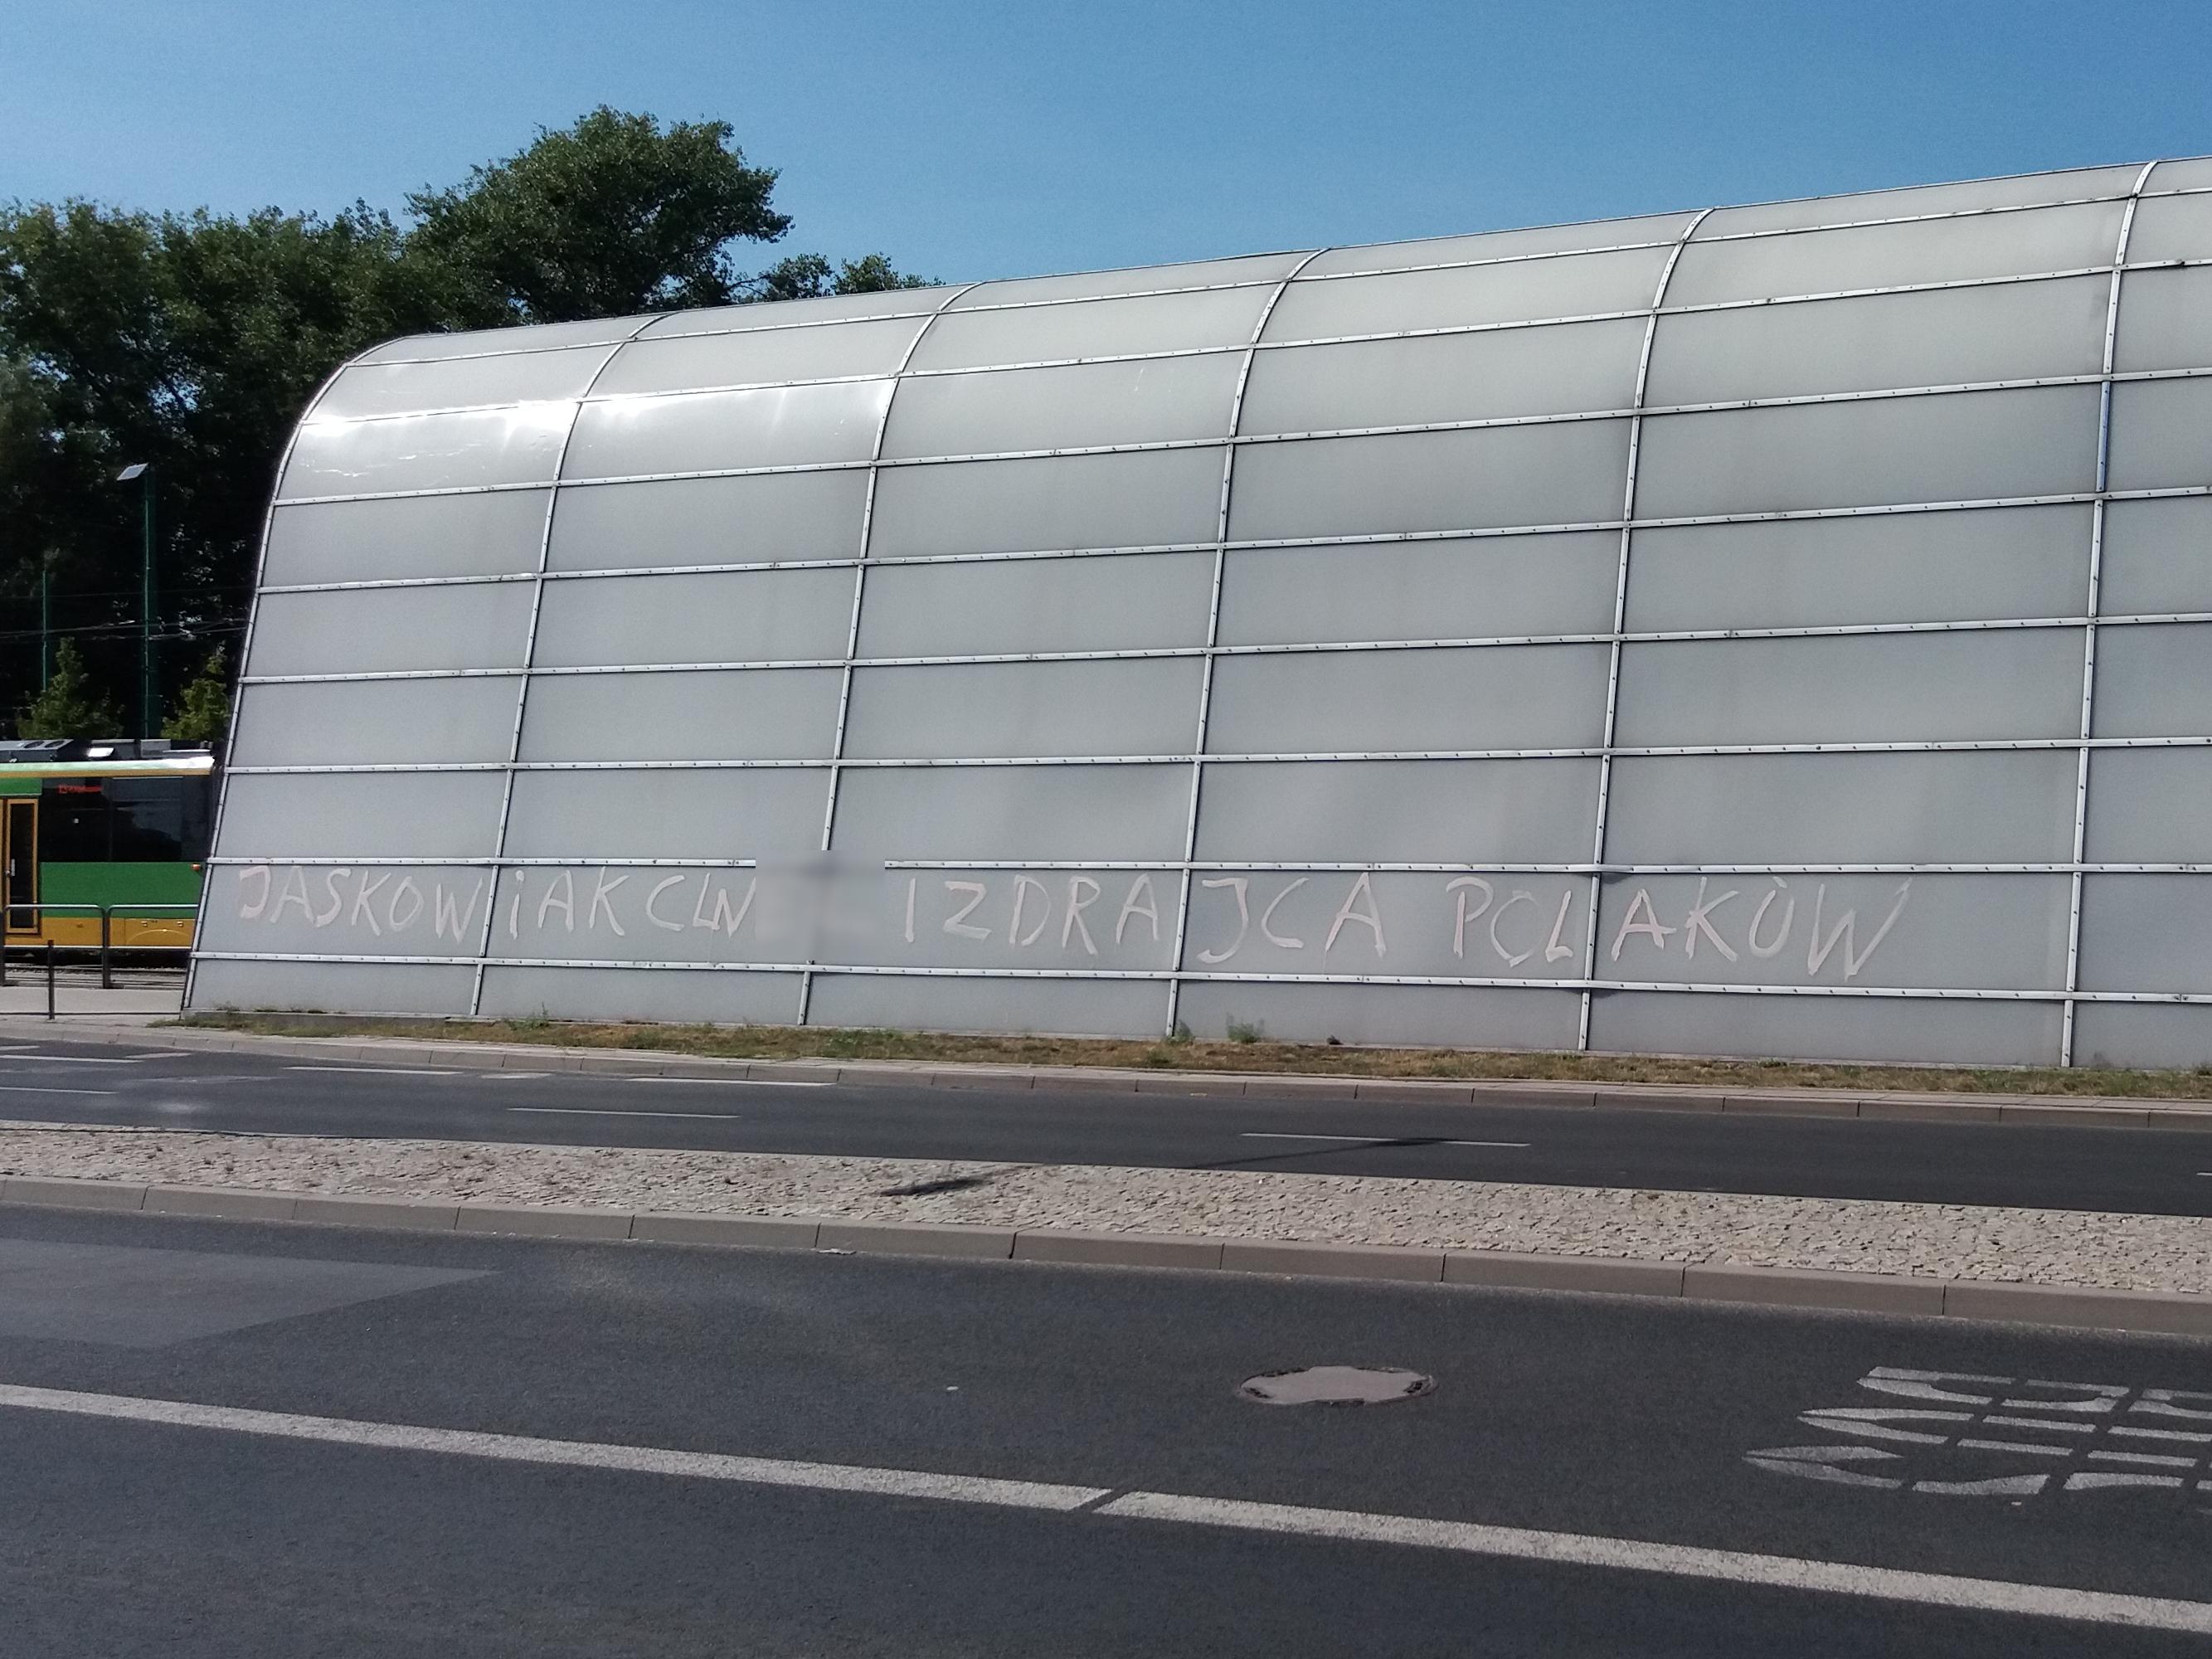 """""""Jaśkowiak cw**"""" – dewastacja pętli na Junikowie"""